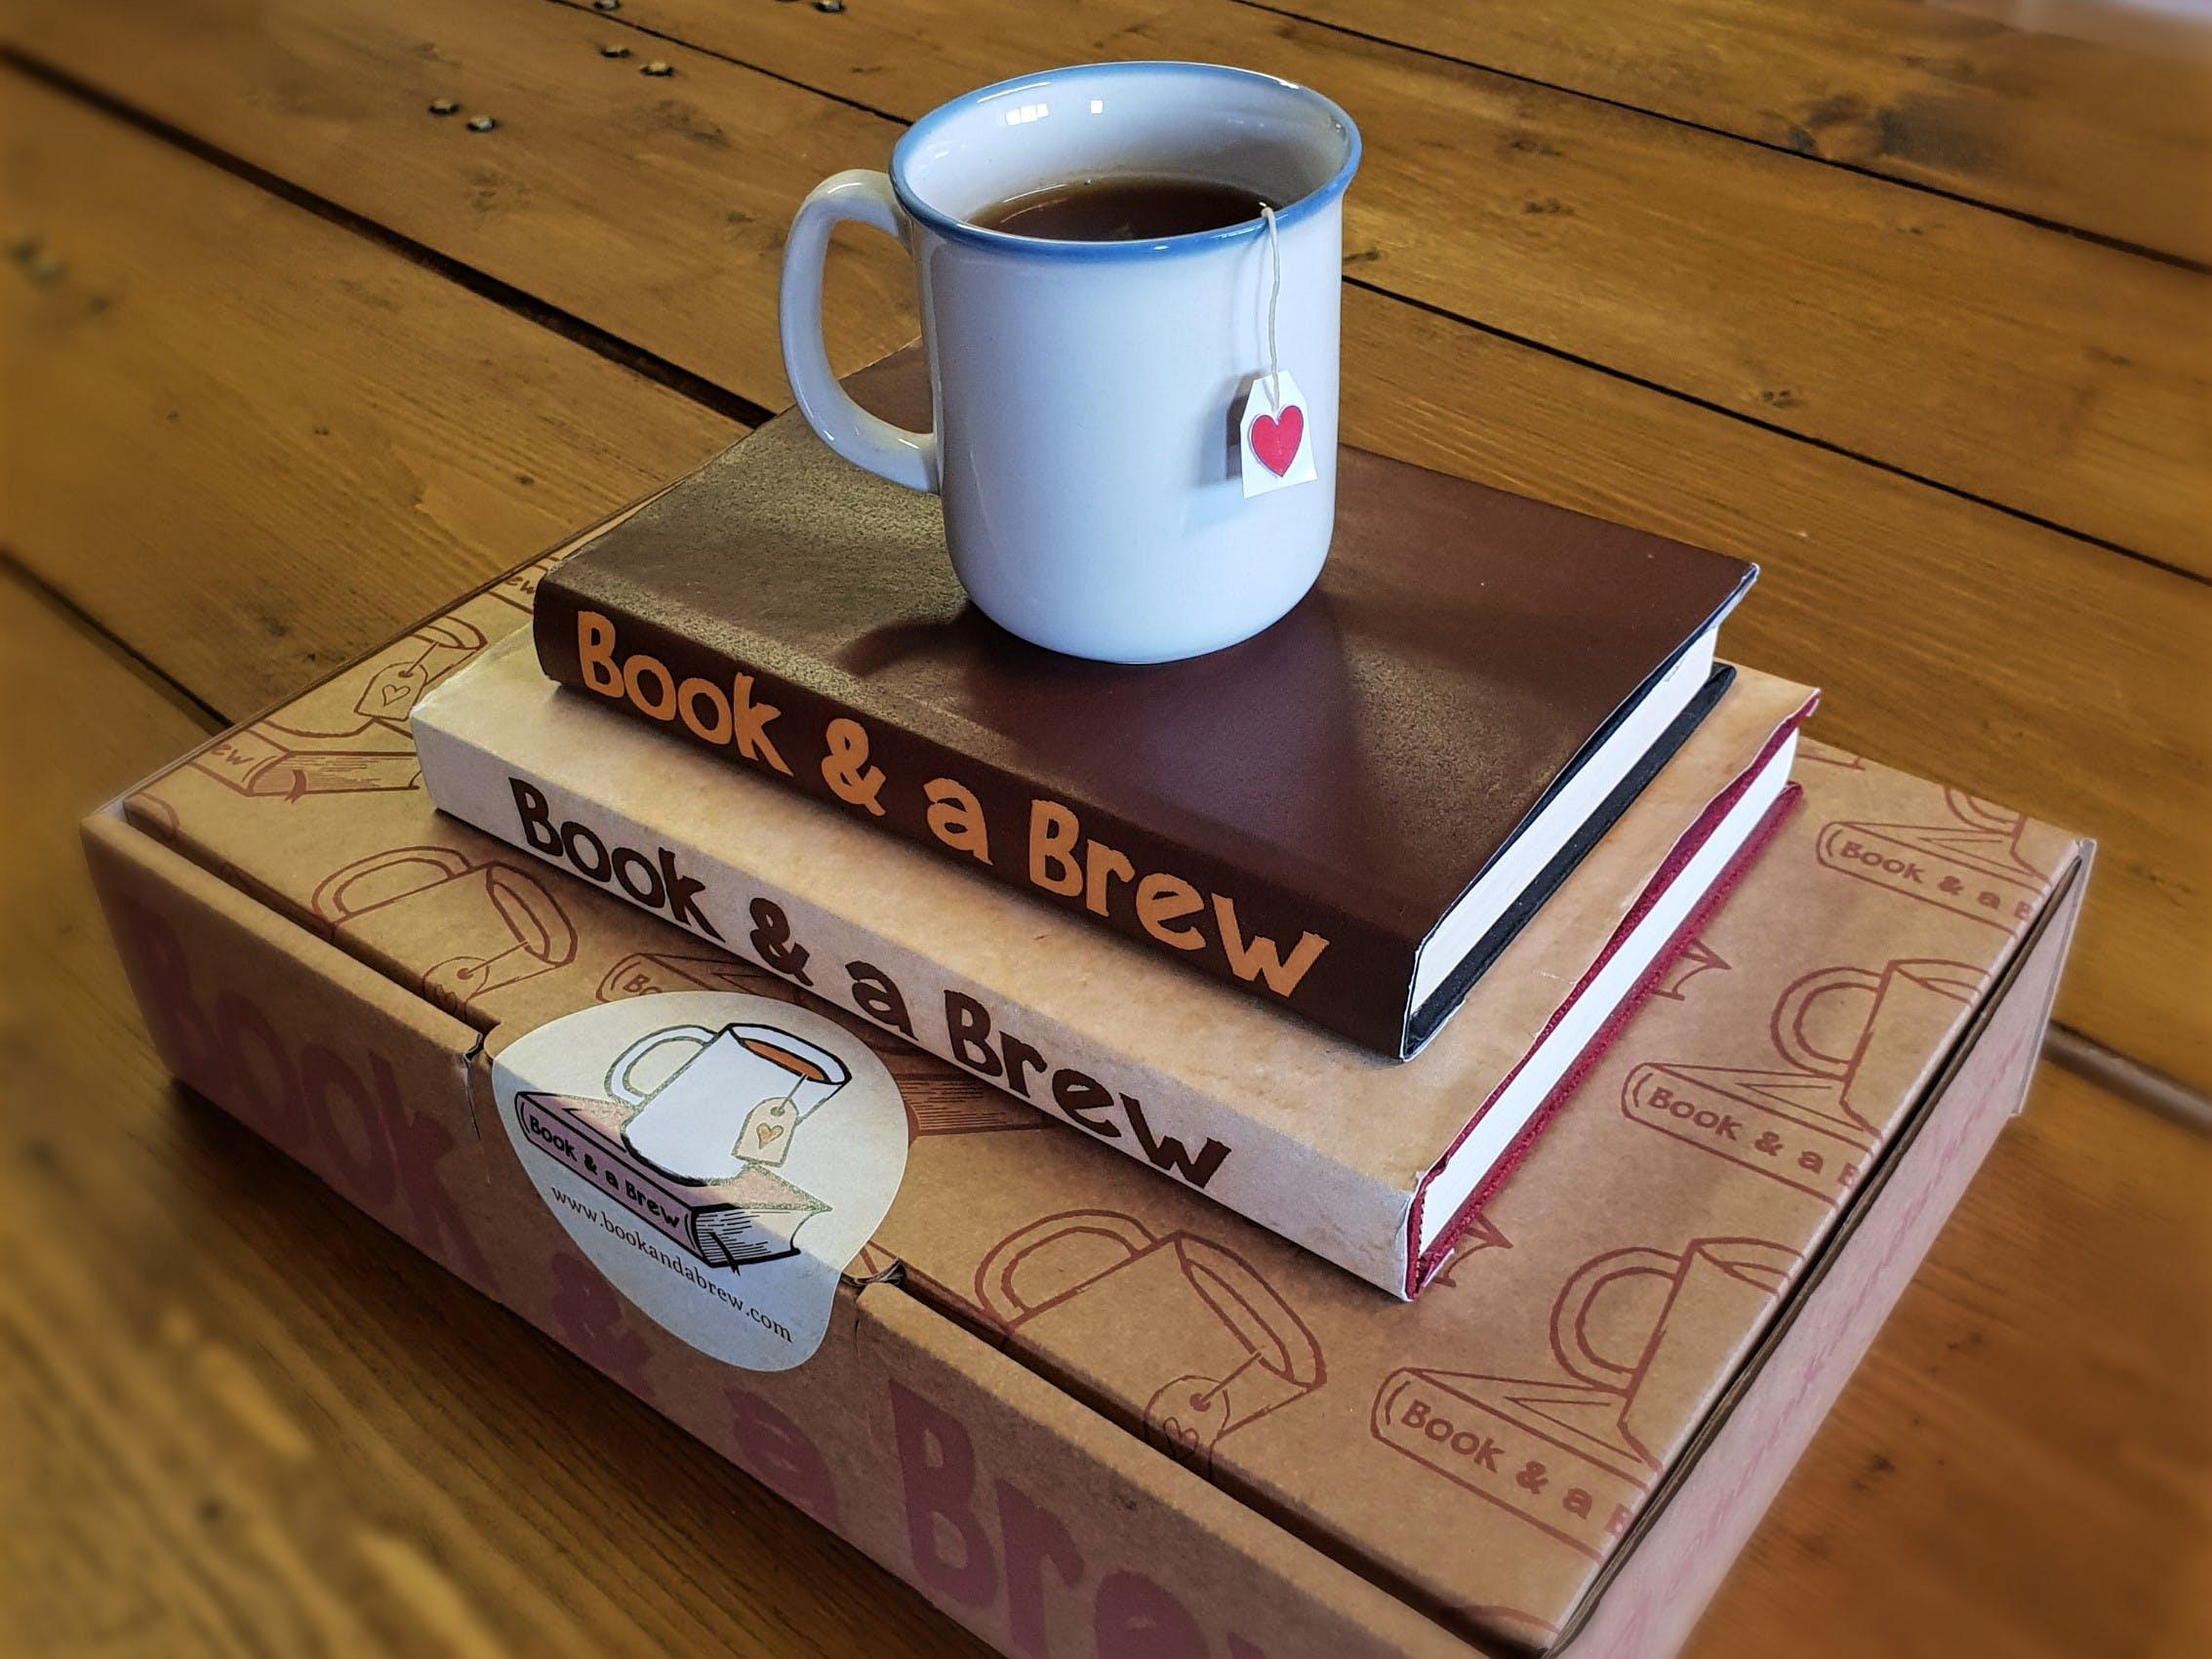 Book & A Brew